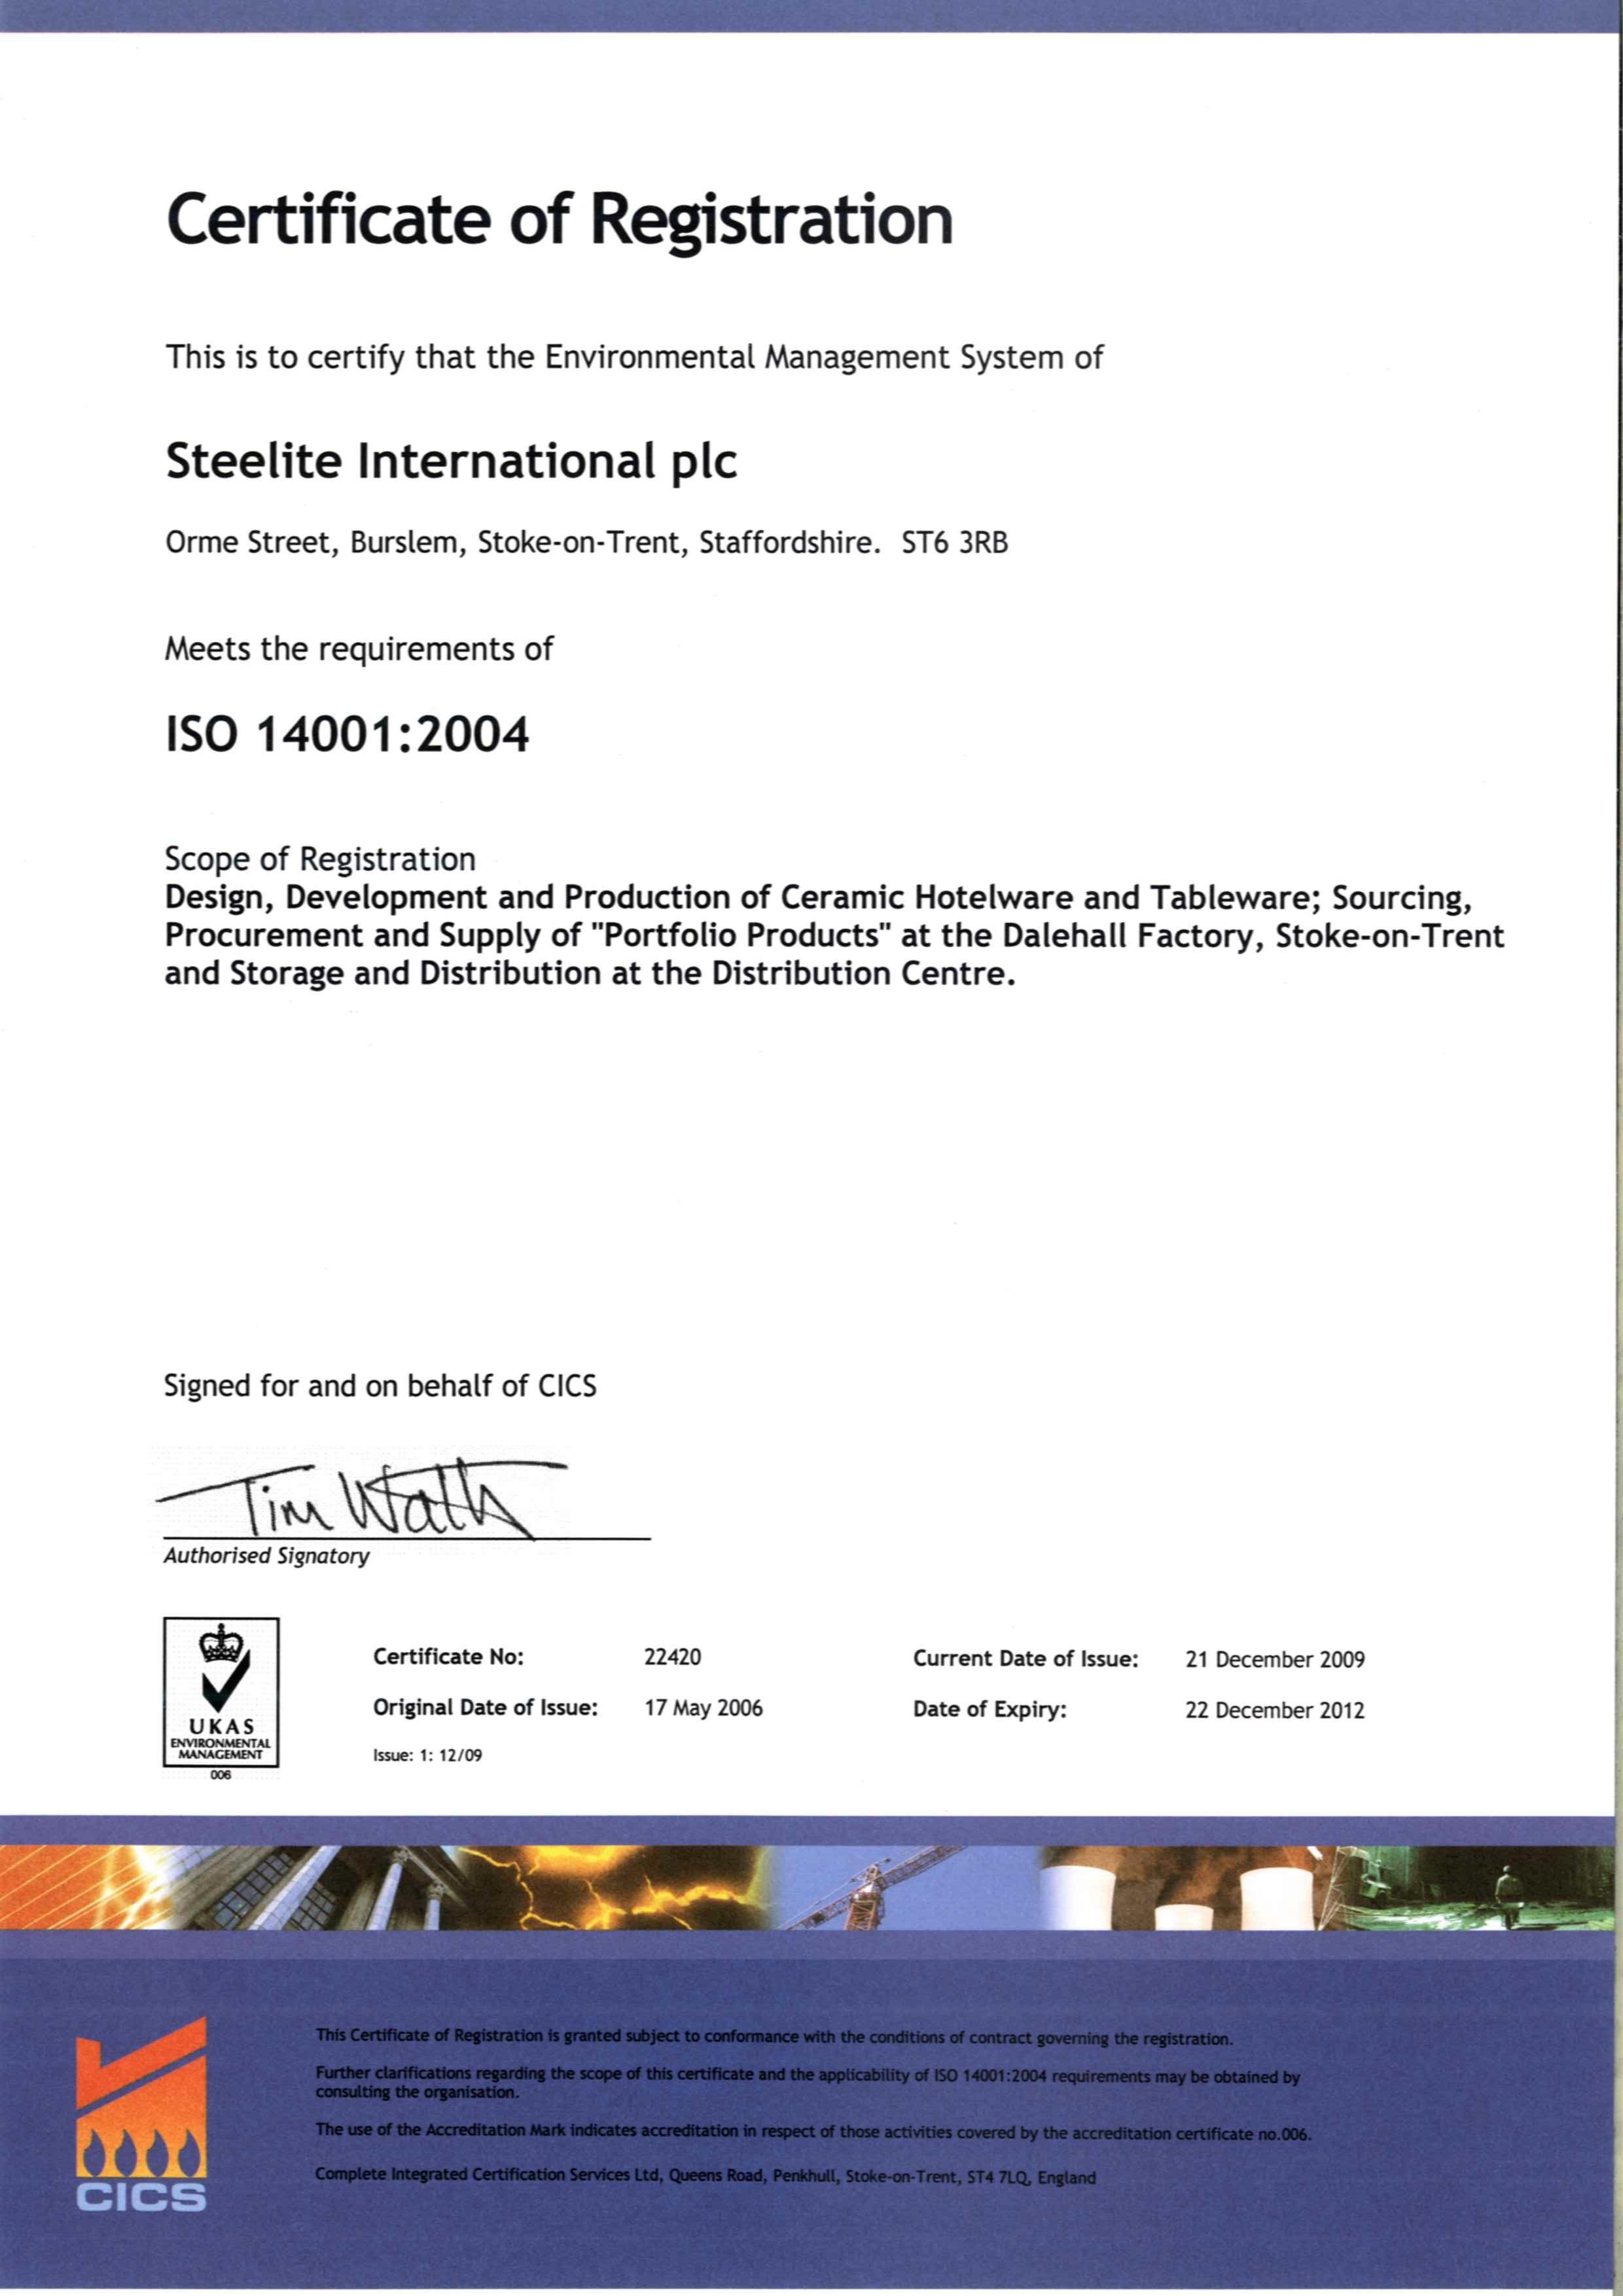 сертификат посуду для ресторана